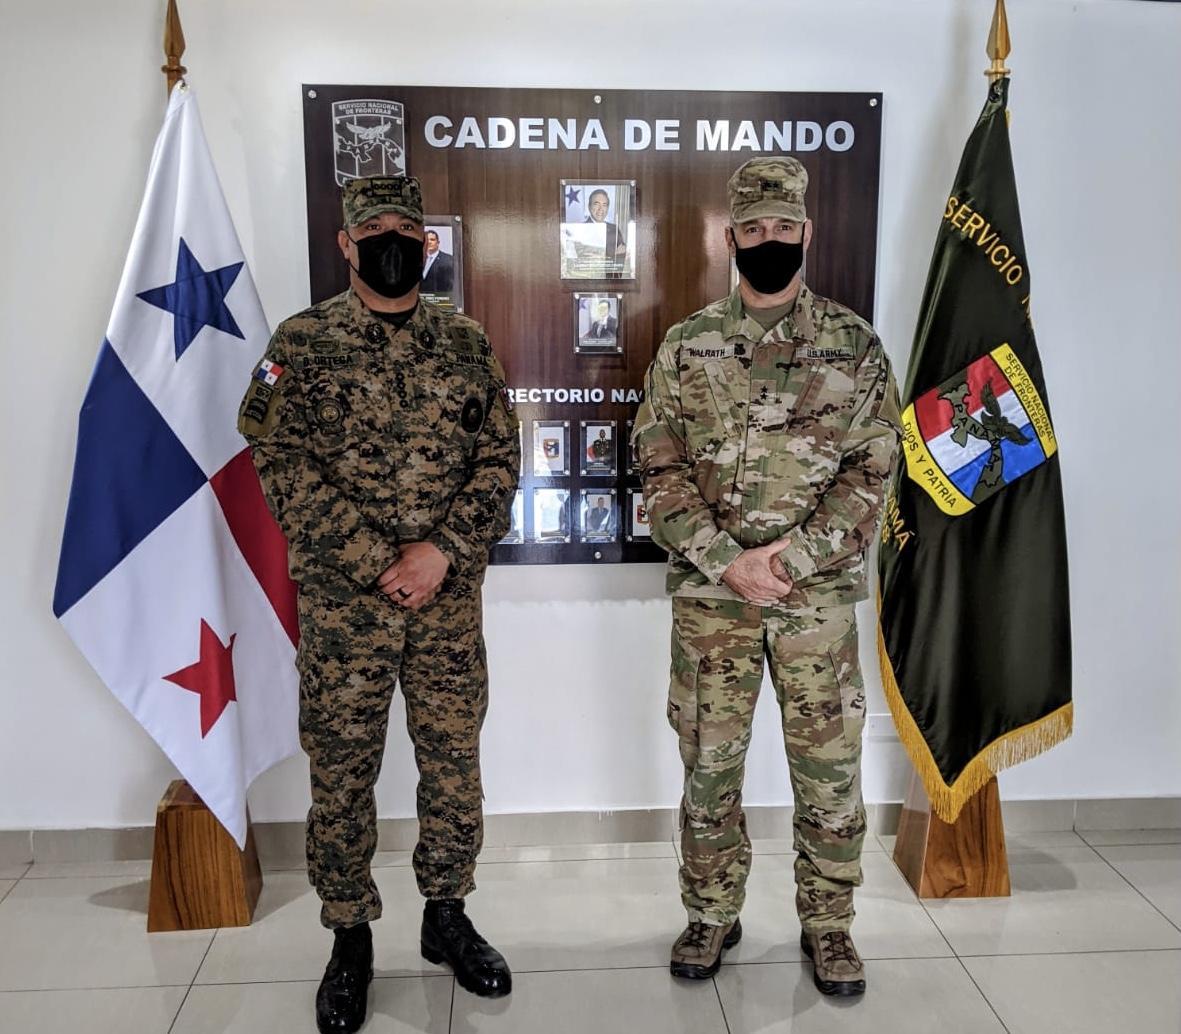 El Comisionado Oriel Ortega, director general del SENAFRONT, posa con el General de División Daniel R. Walrath, comandante general de ARSOUTH, en la sede del SENAFRONT en Ciudad de Panamá, en abril de 2021. (Foto: Ejército Sur de los EE. UU.)